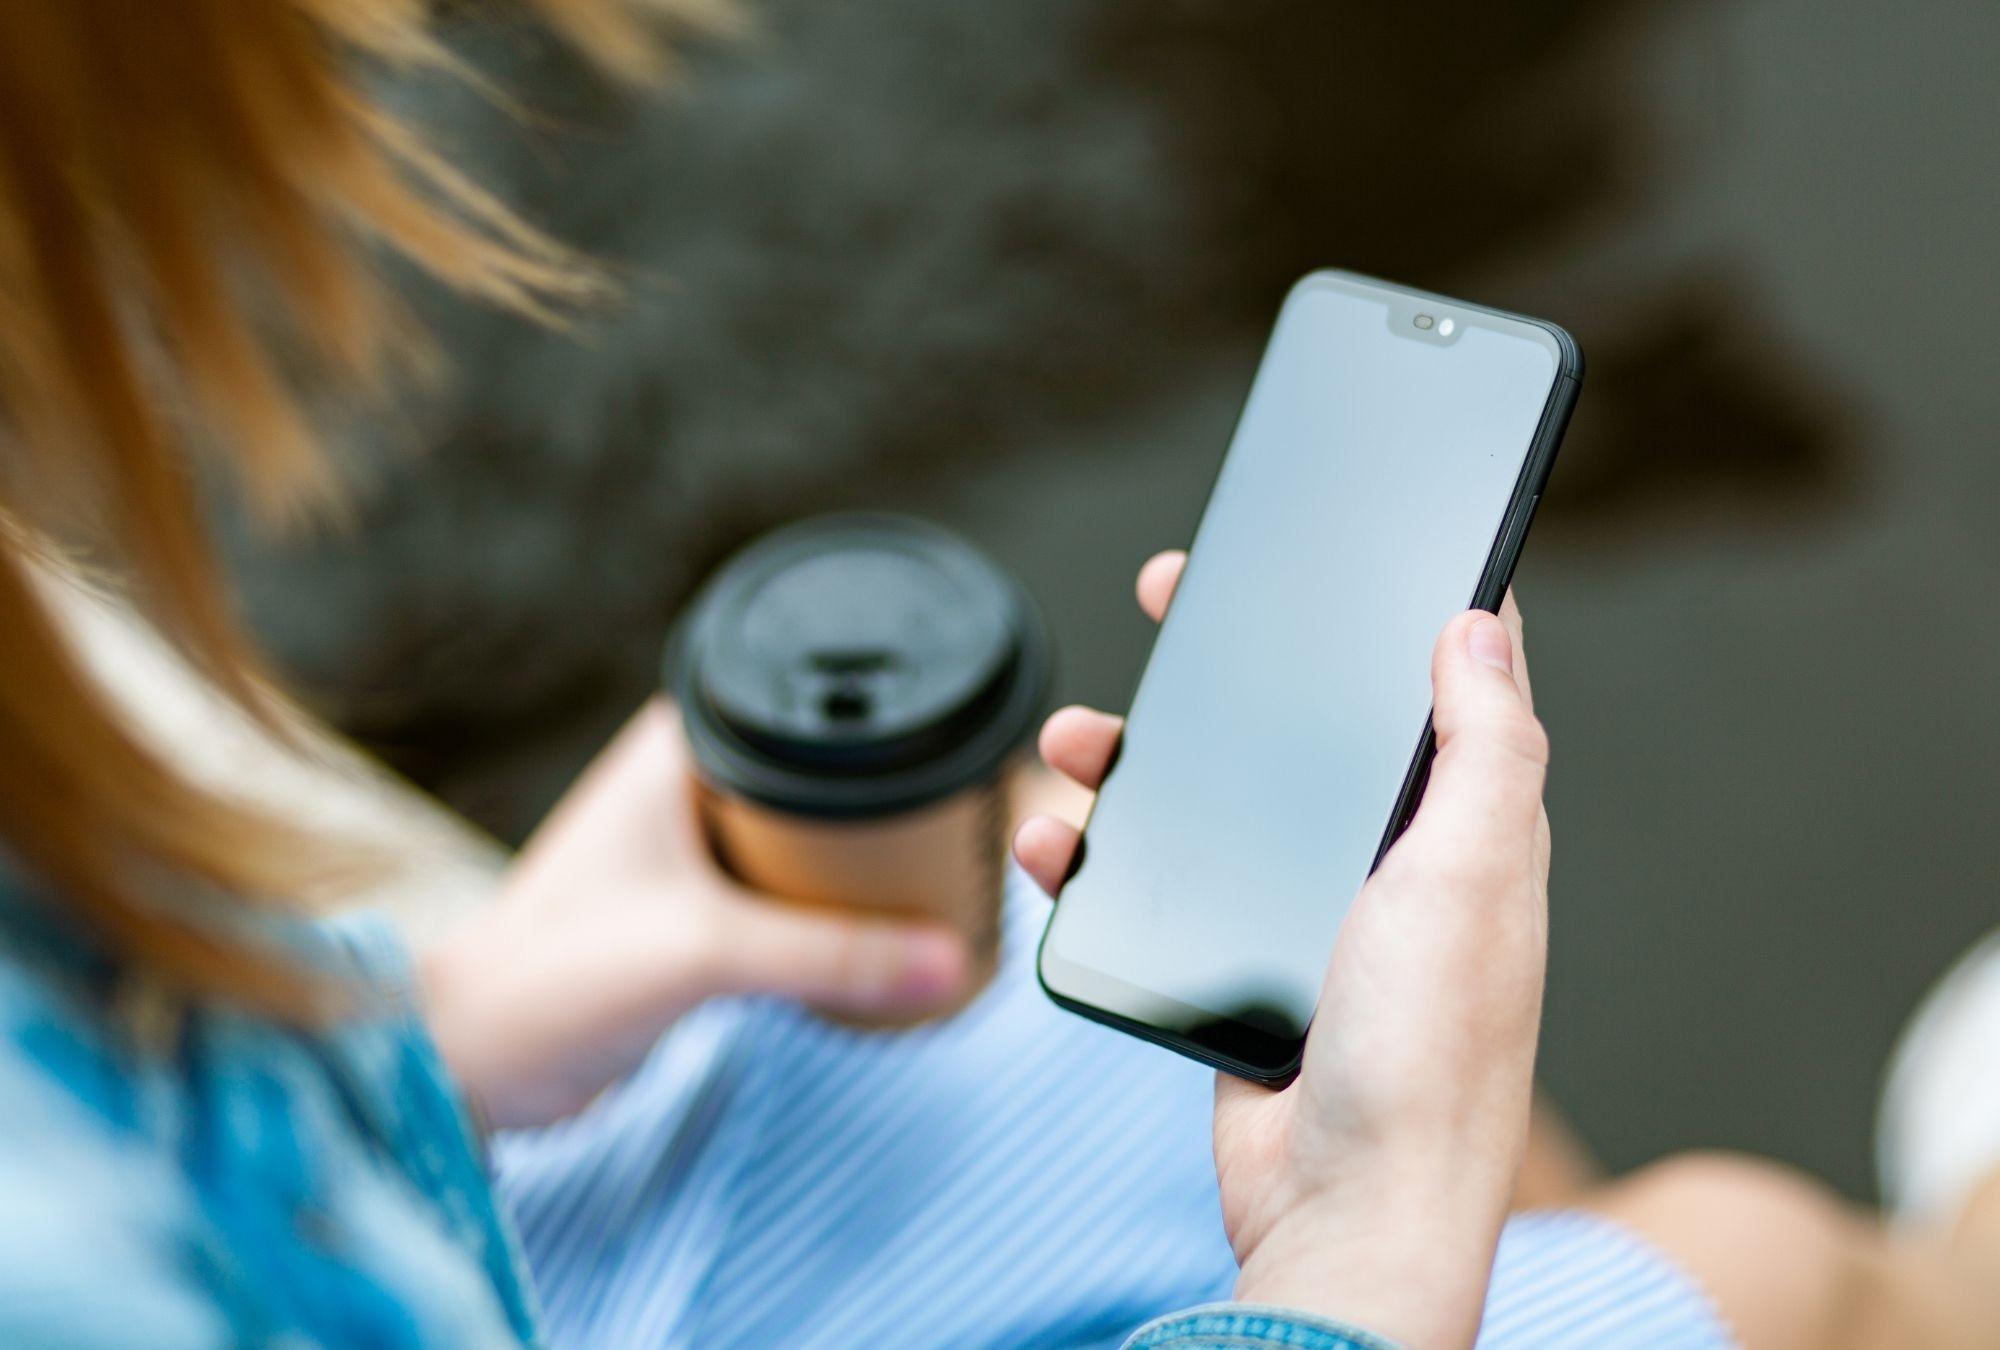 vender recarga de celular